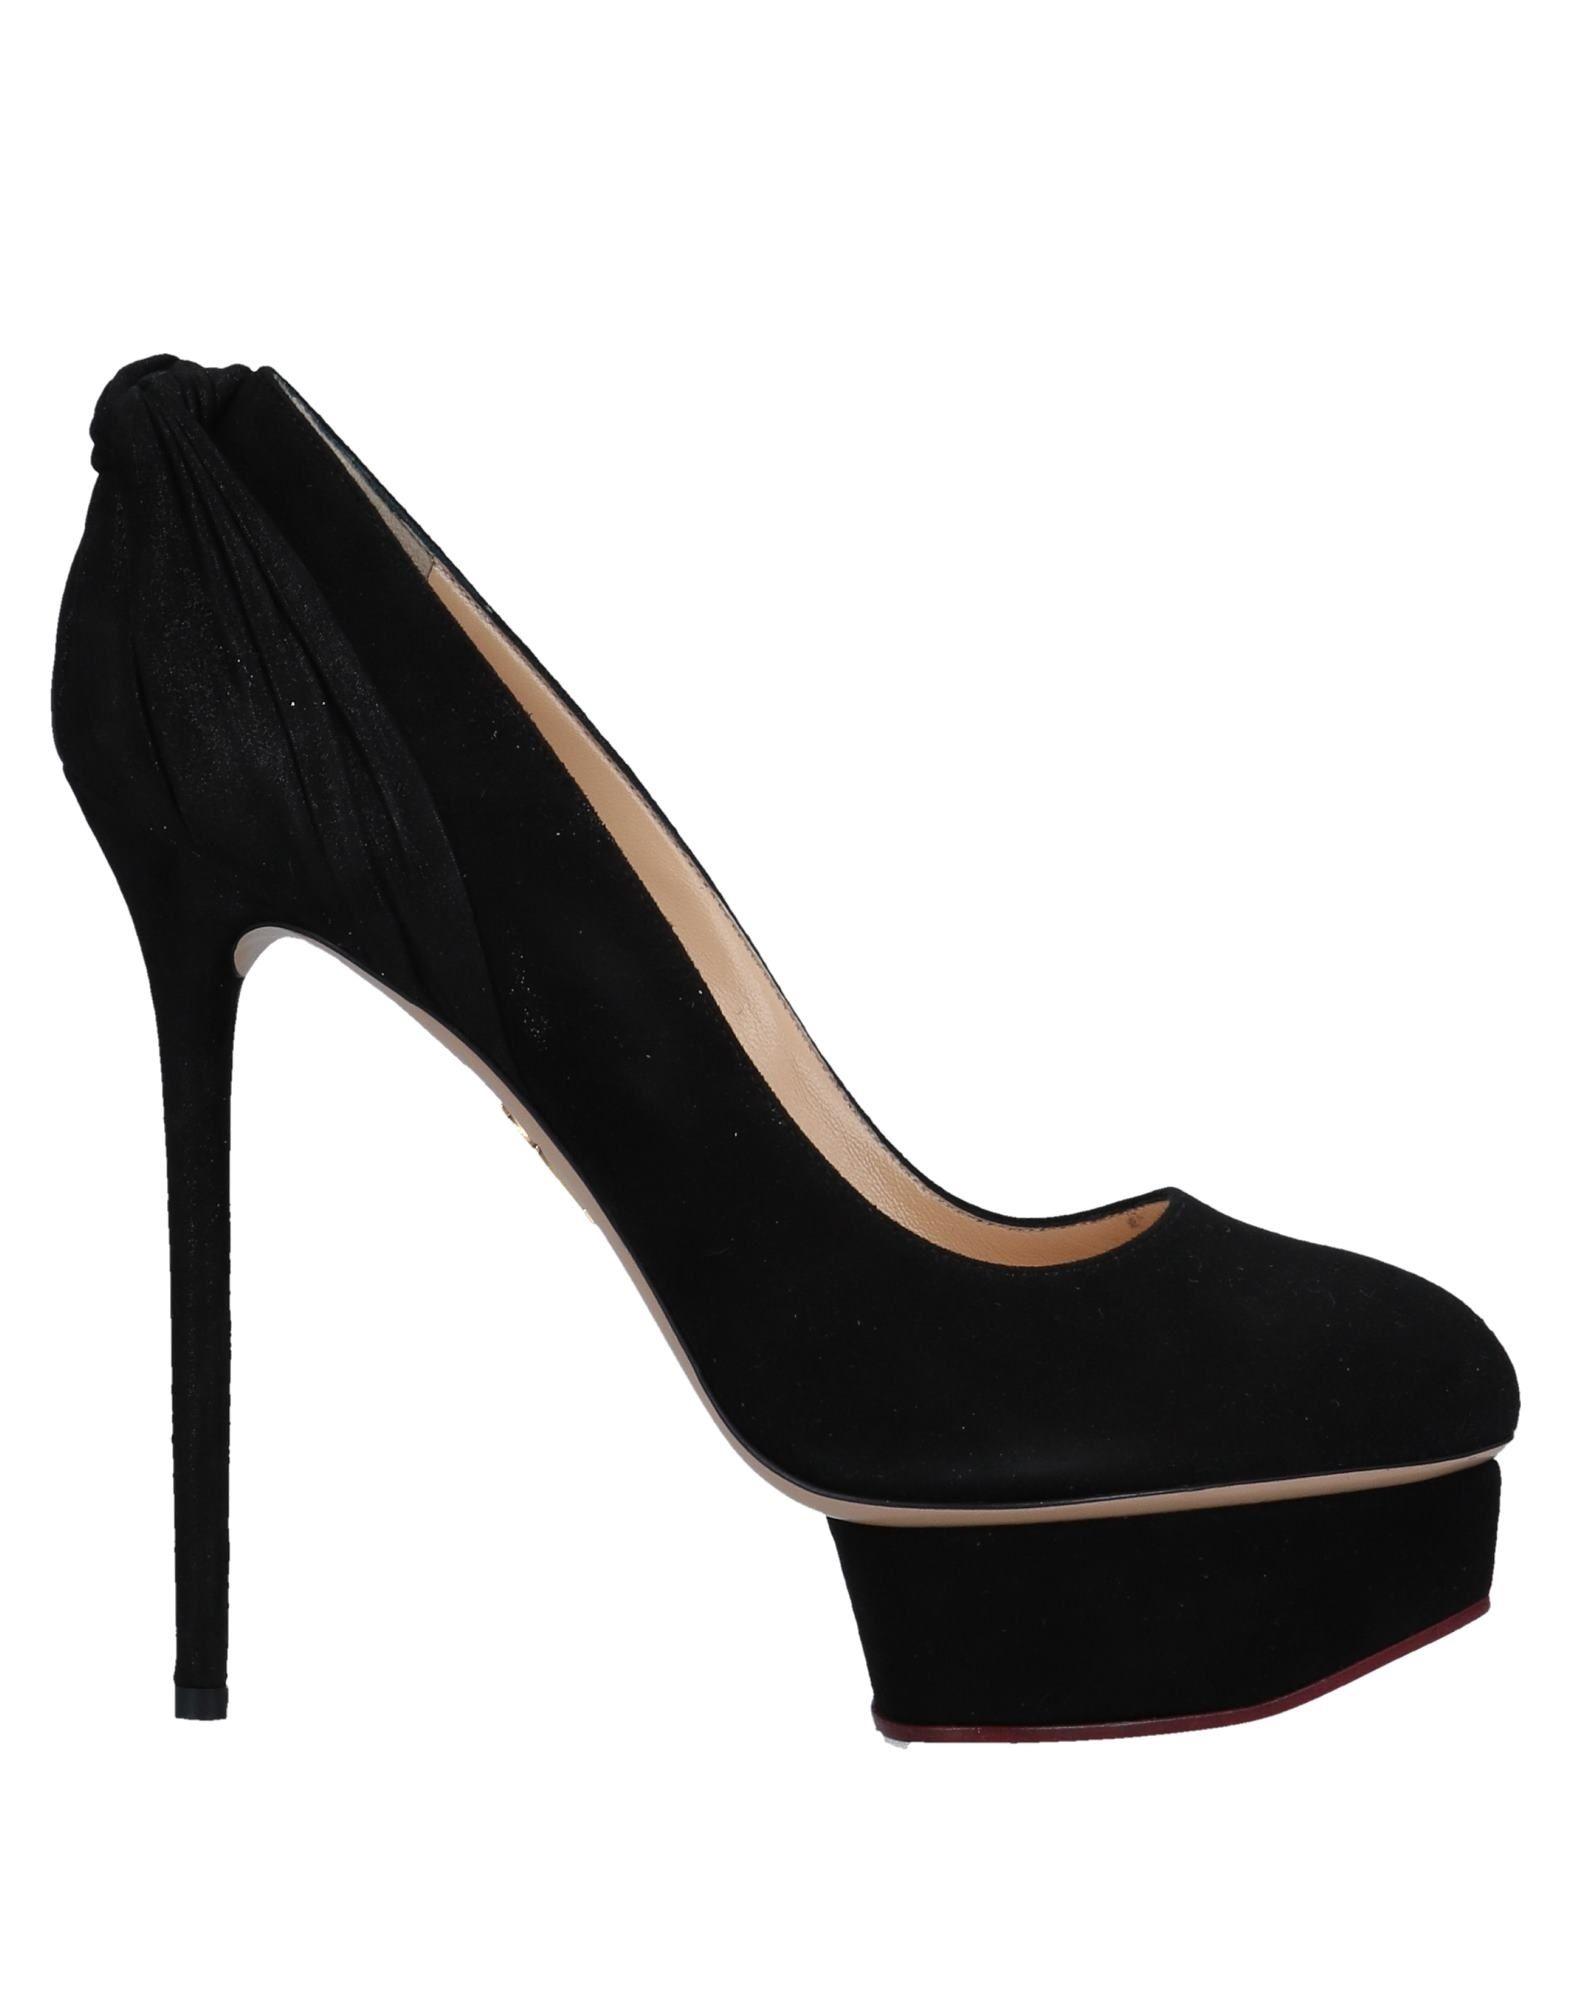 Charlotte Olympia Pumps aussehende Damen  11553462GRGünstige gut aussehende Pumps Schuhe a0d0d9